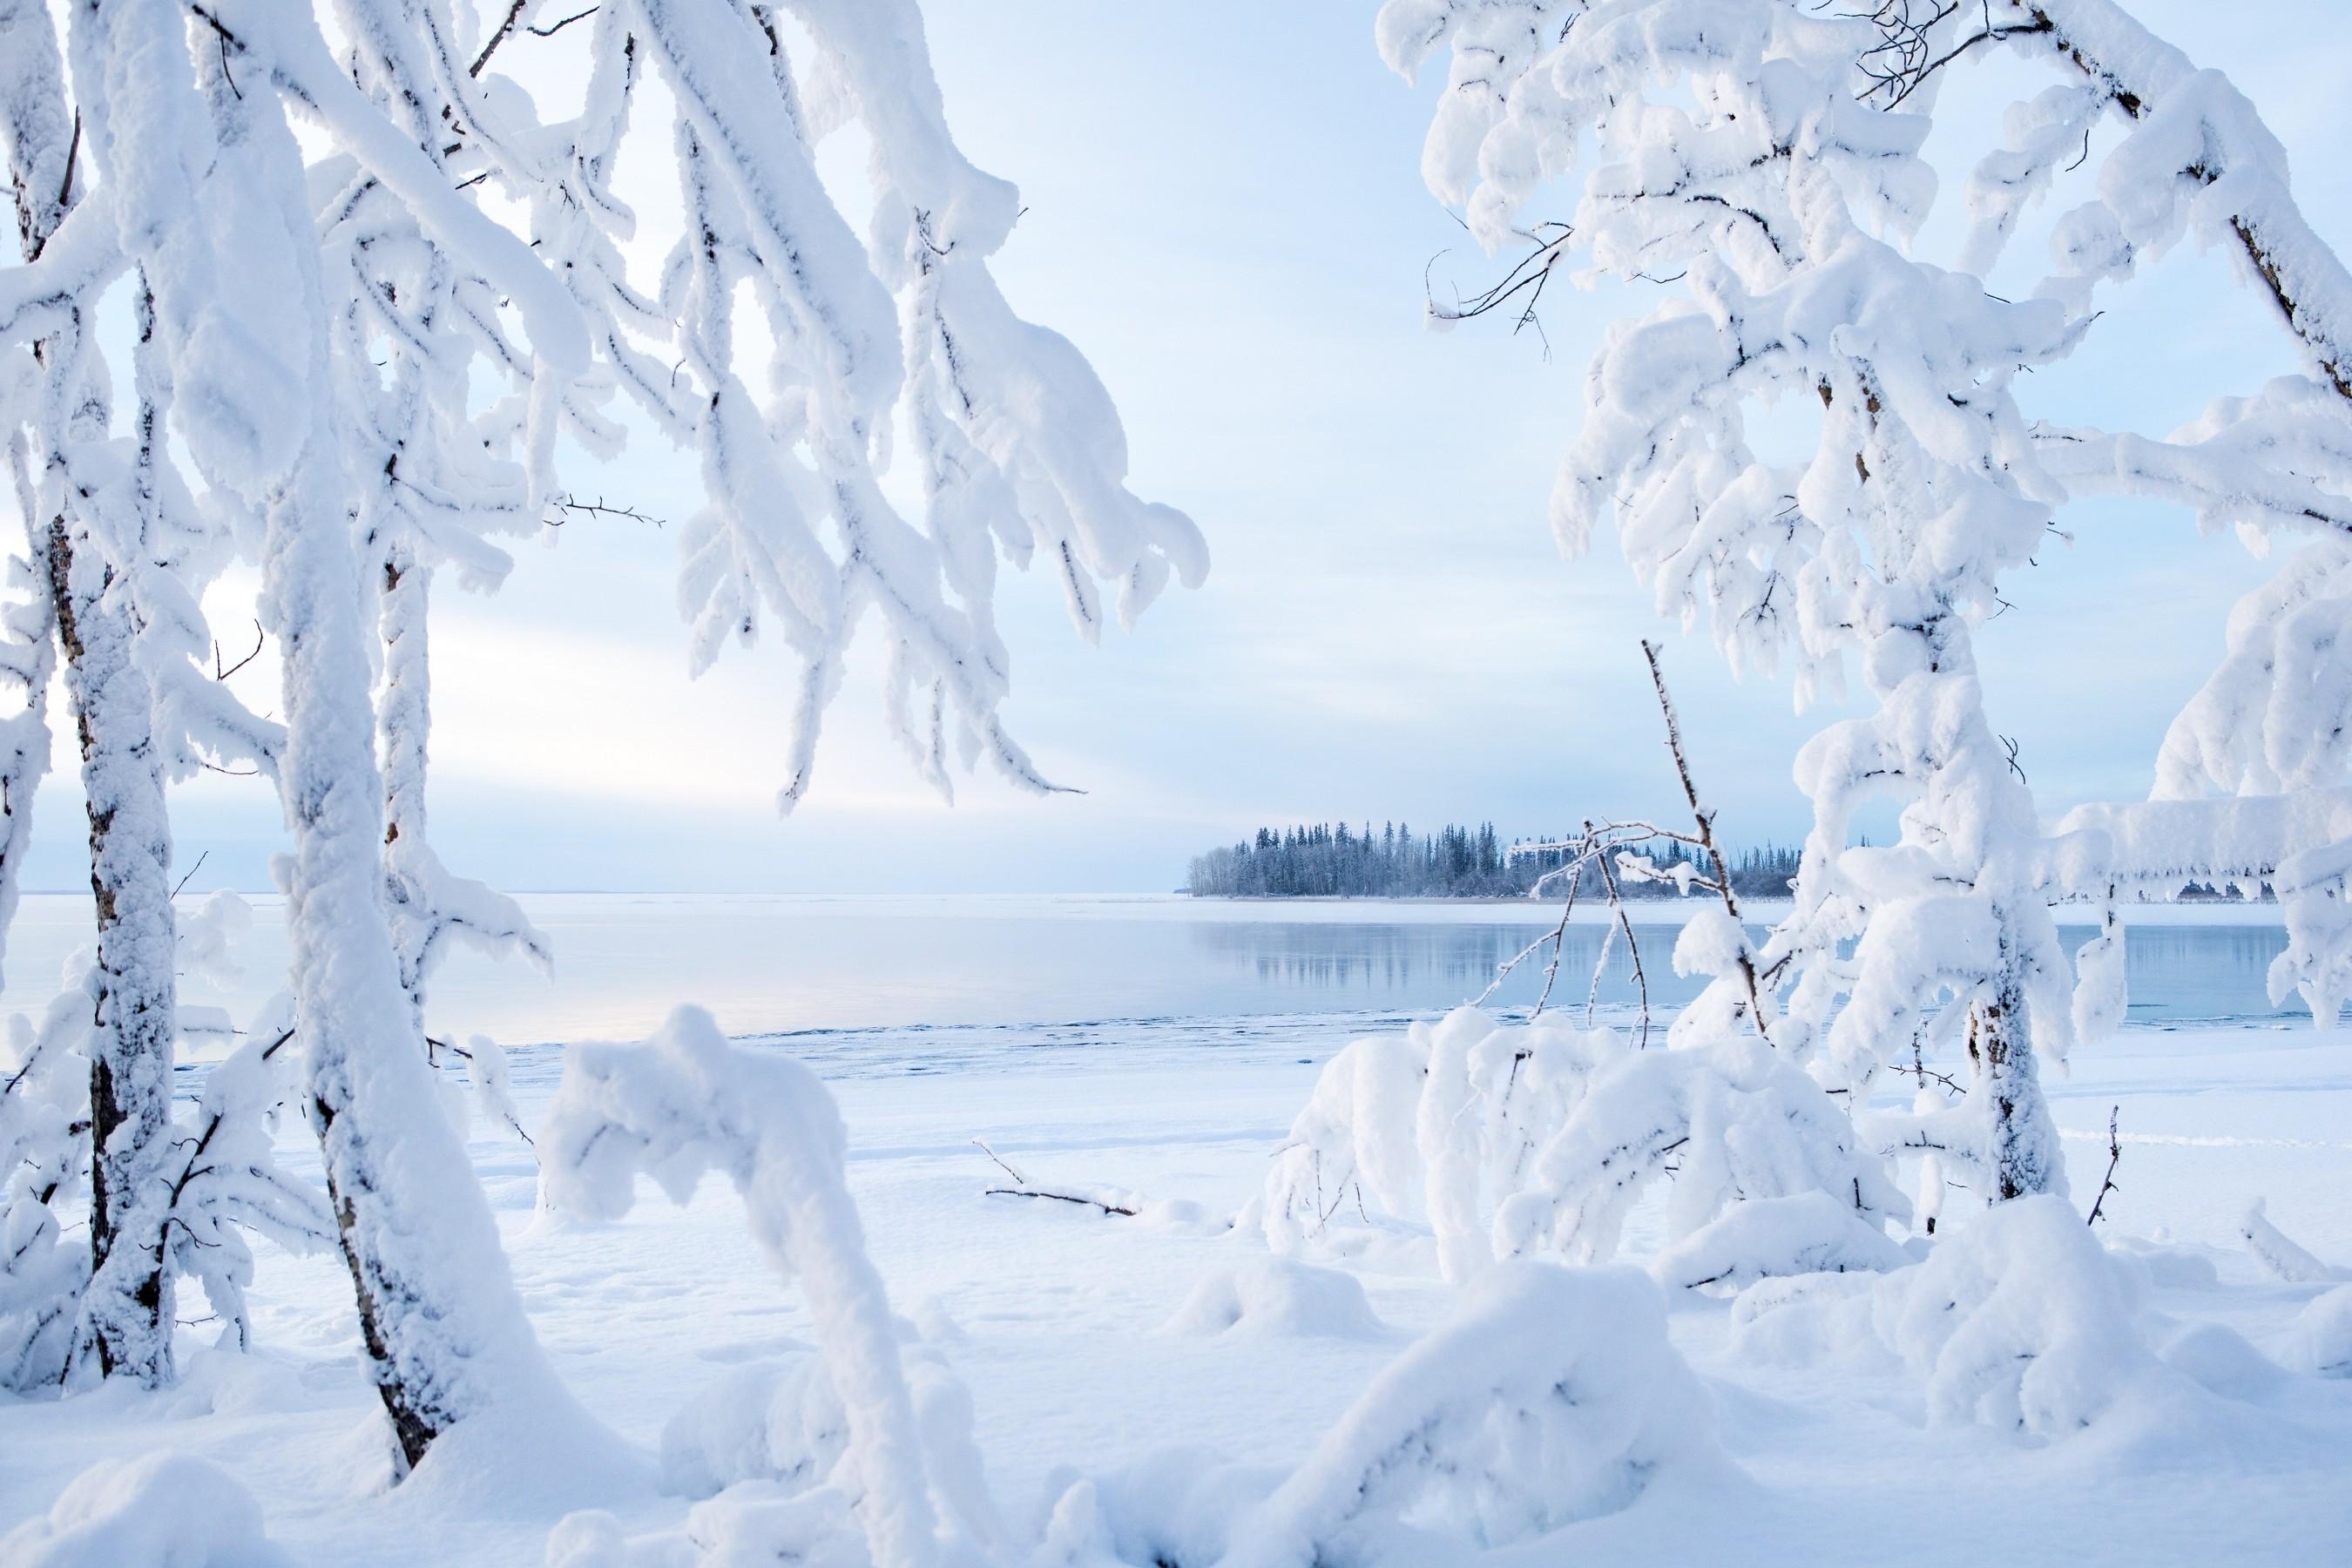 Sfondi paesaggio natura la neve inverno ghiaccio for Immagini inverno sfondi